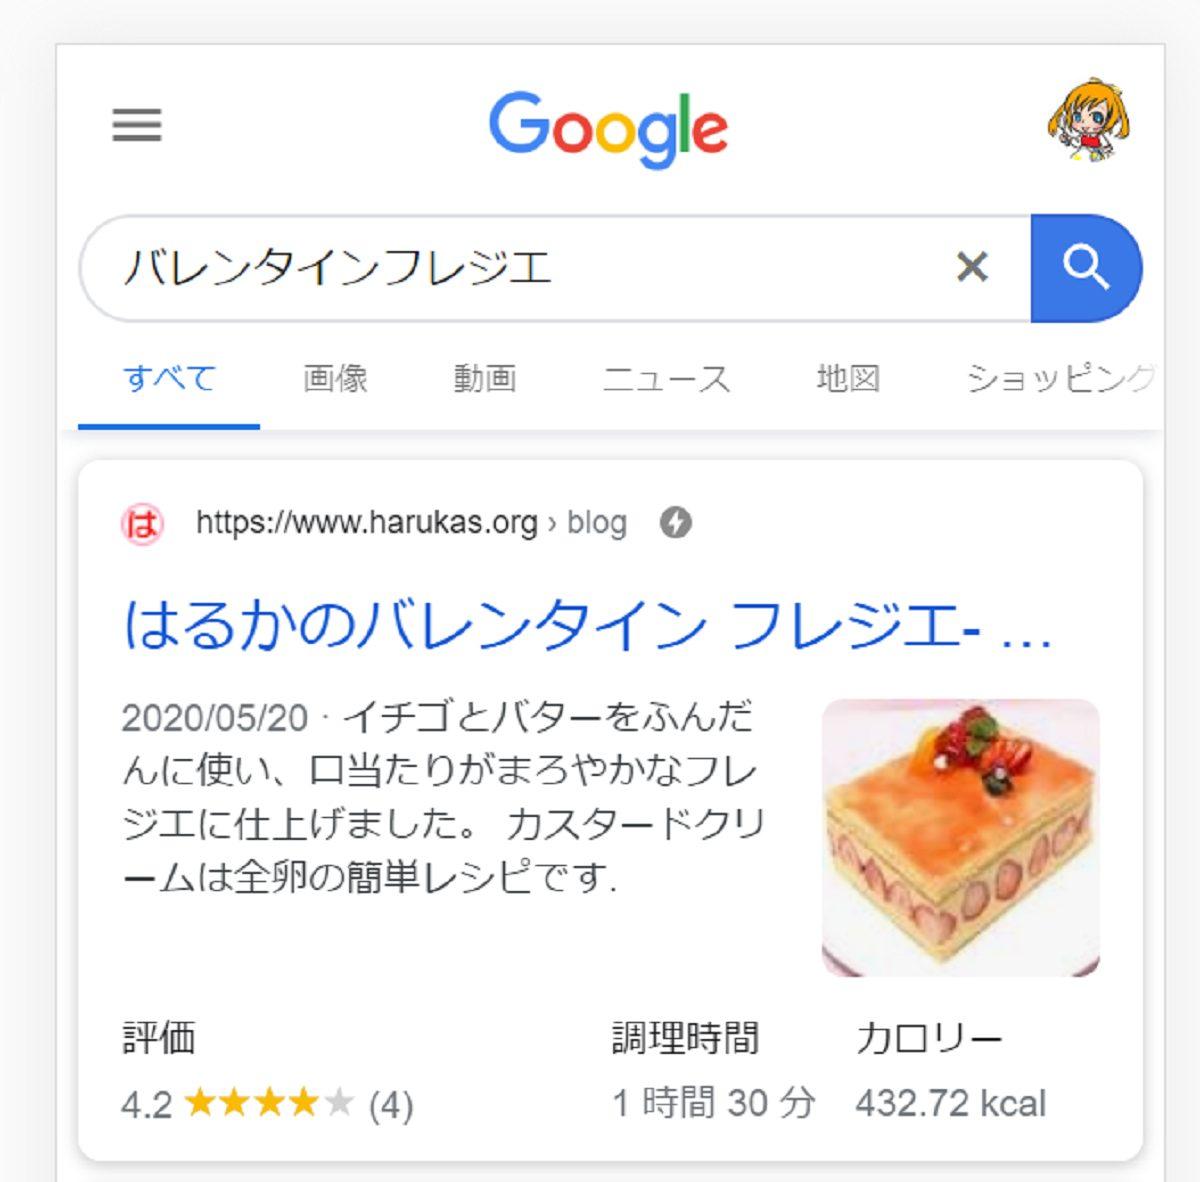 バレンタインフレジエのモバイル検索結果